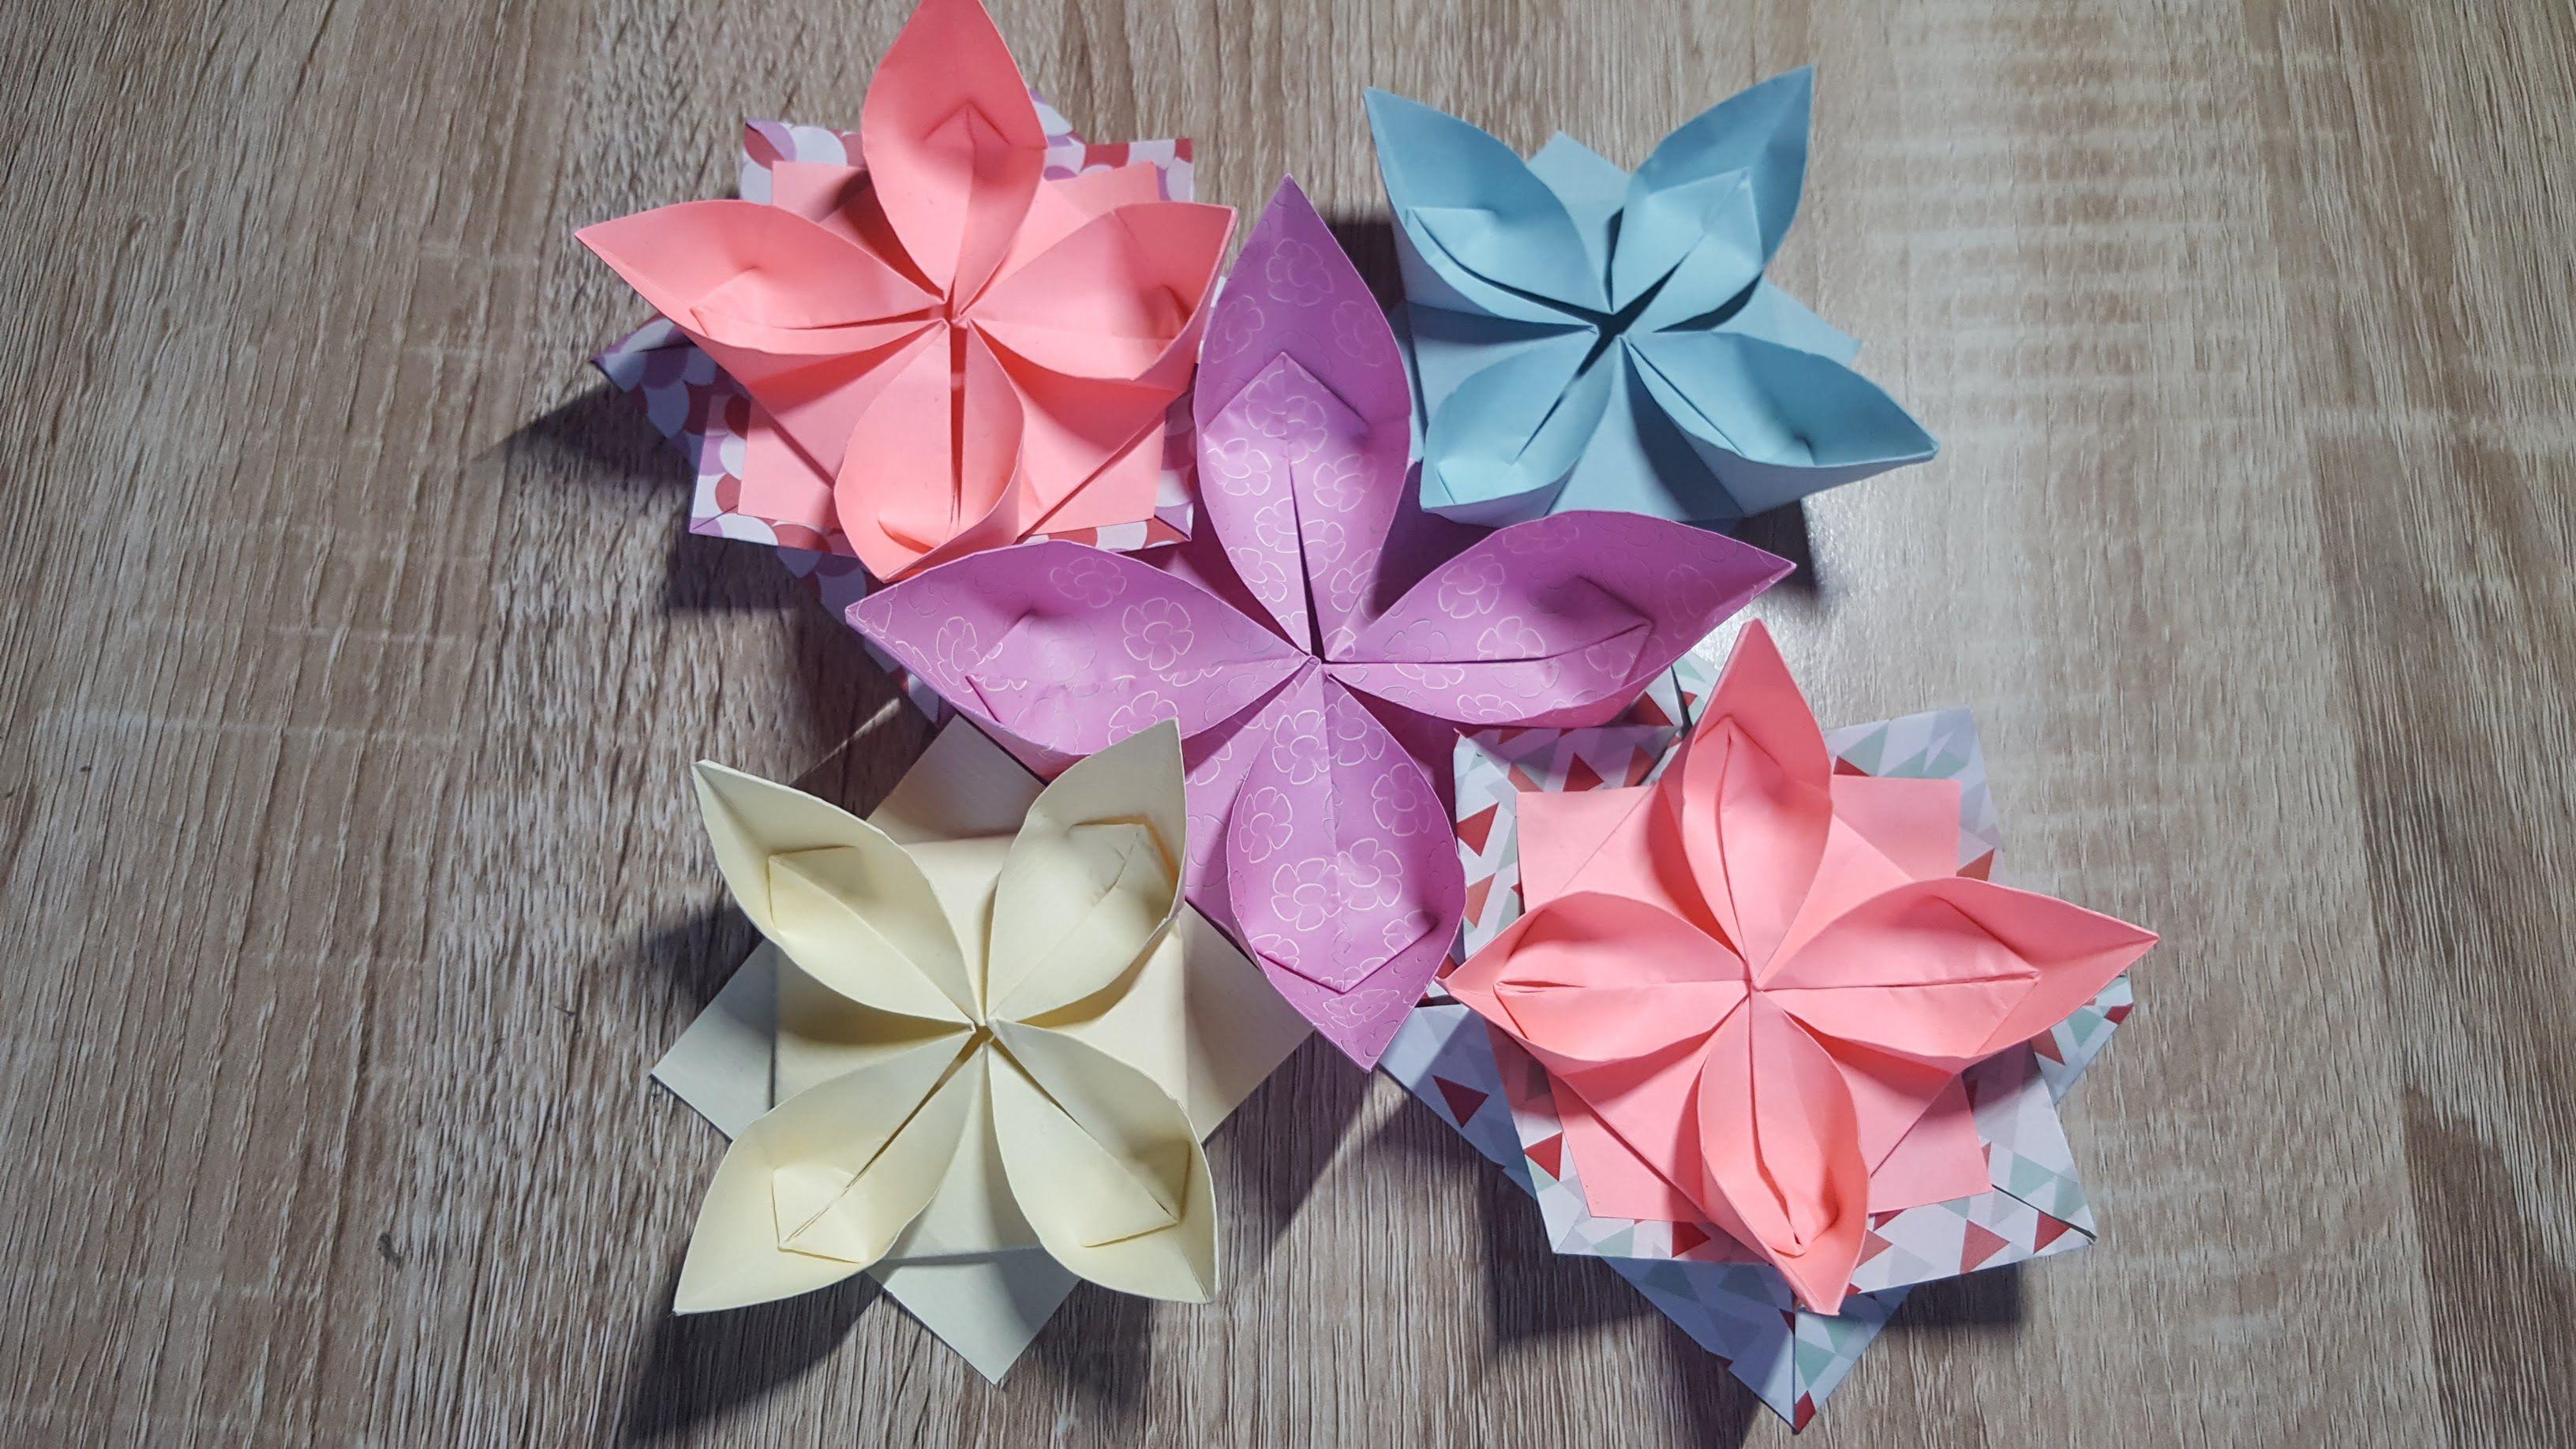 Einfache Origami Blume Falten Wasserliliehow To Make An Origami